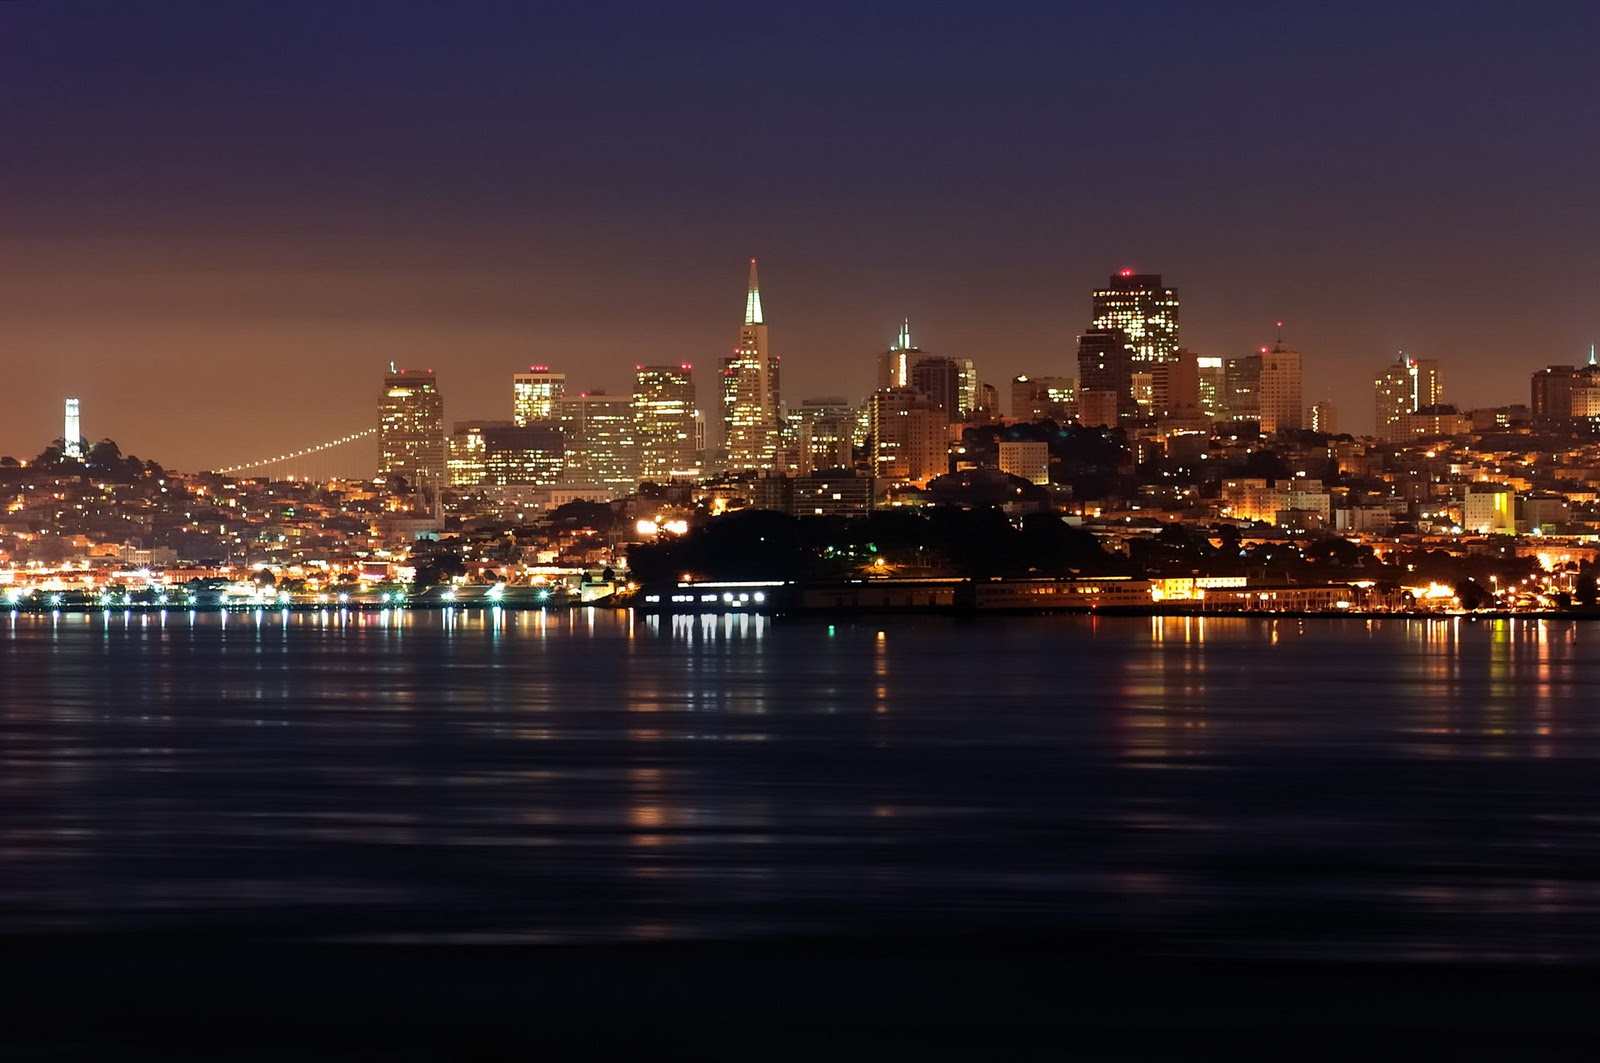 http://4.bp.blogspot.com/_V1YzK-c6WuY/TUwUldjNiFI/AAAAAAAAJuo/4Wdrx-Gh09Q/s1600/San+Francisco.jpg